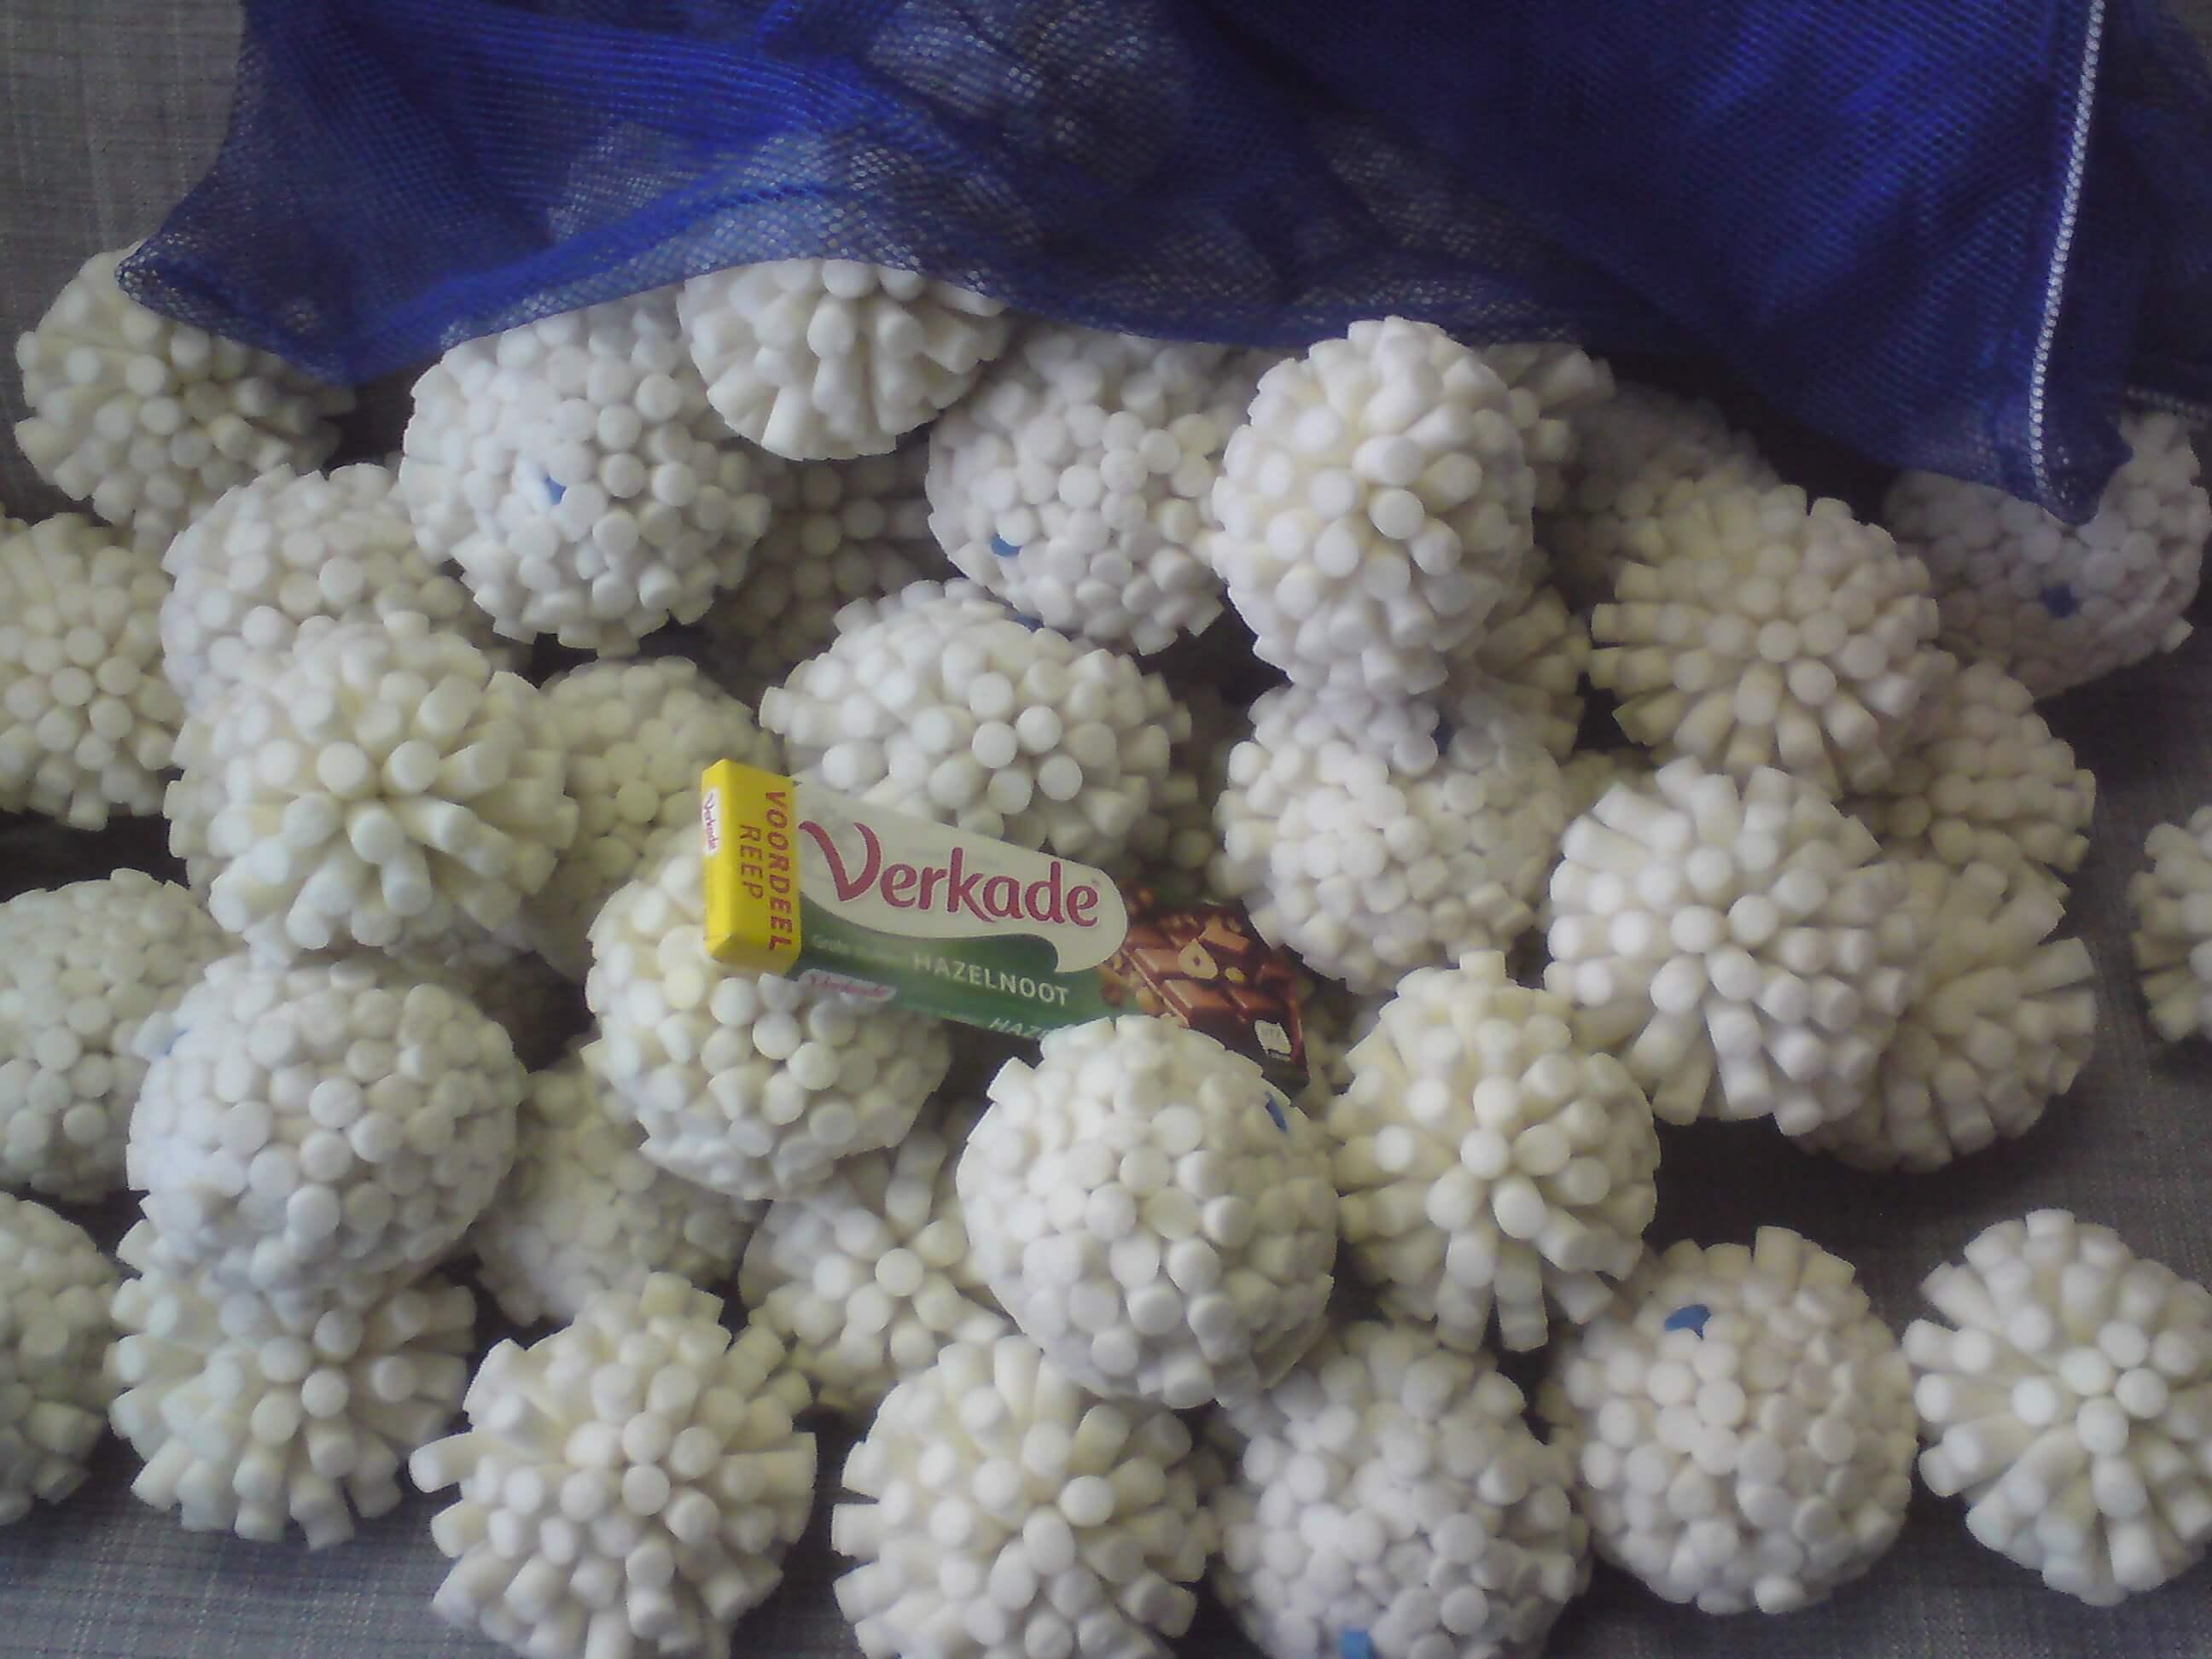 100 Droge Sneeuwballen